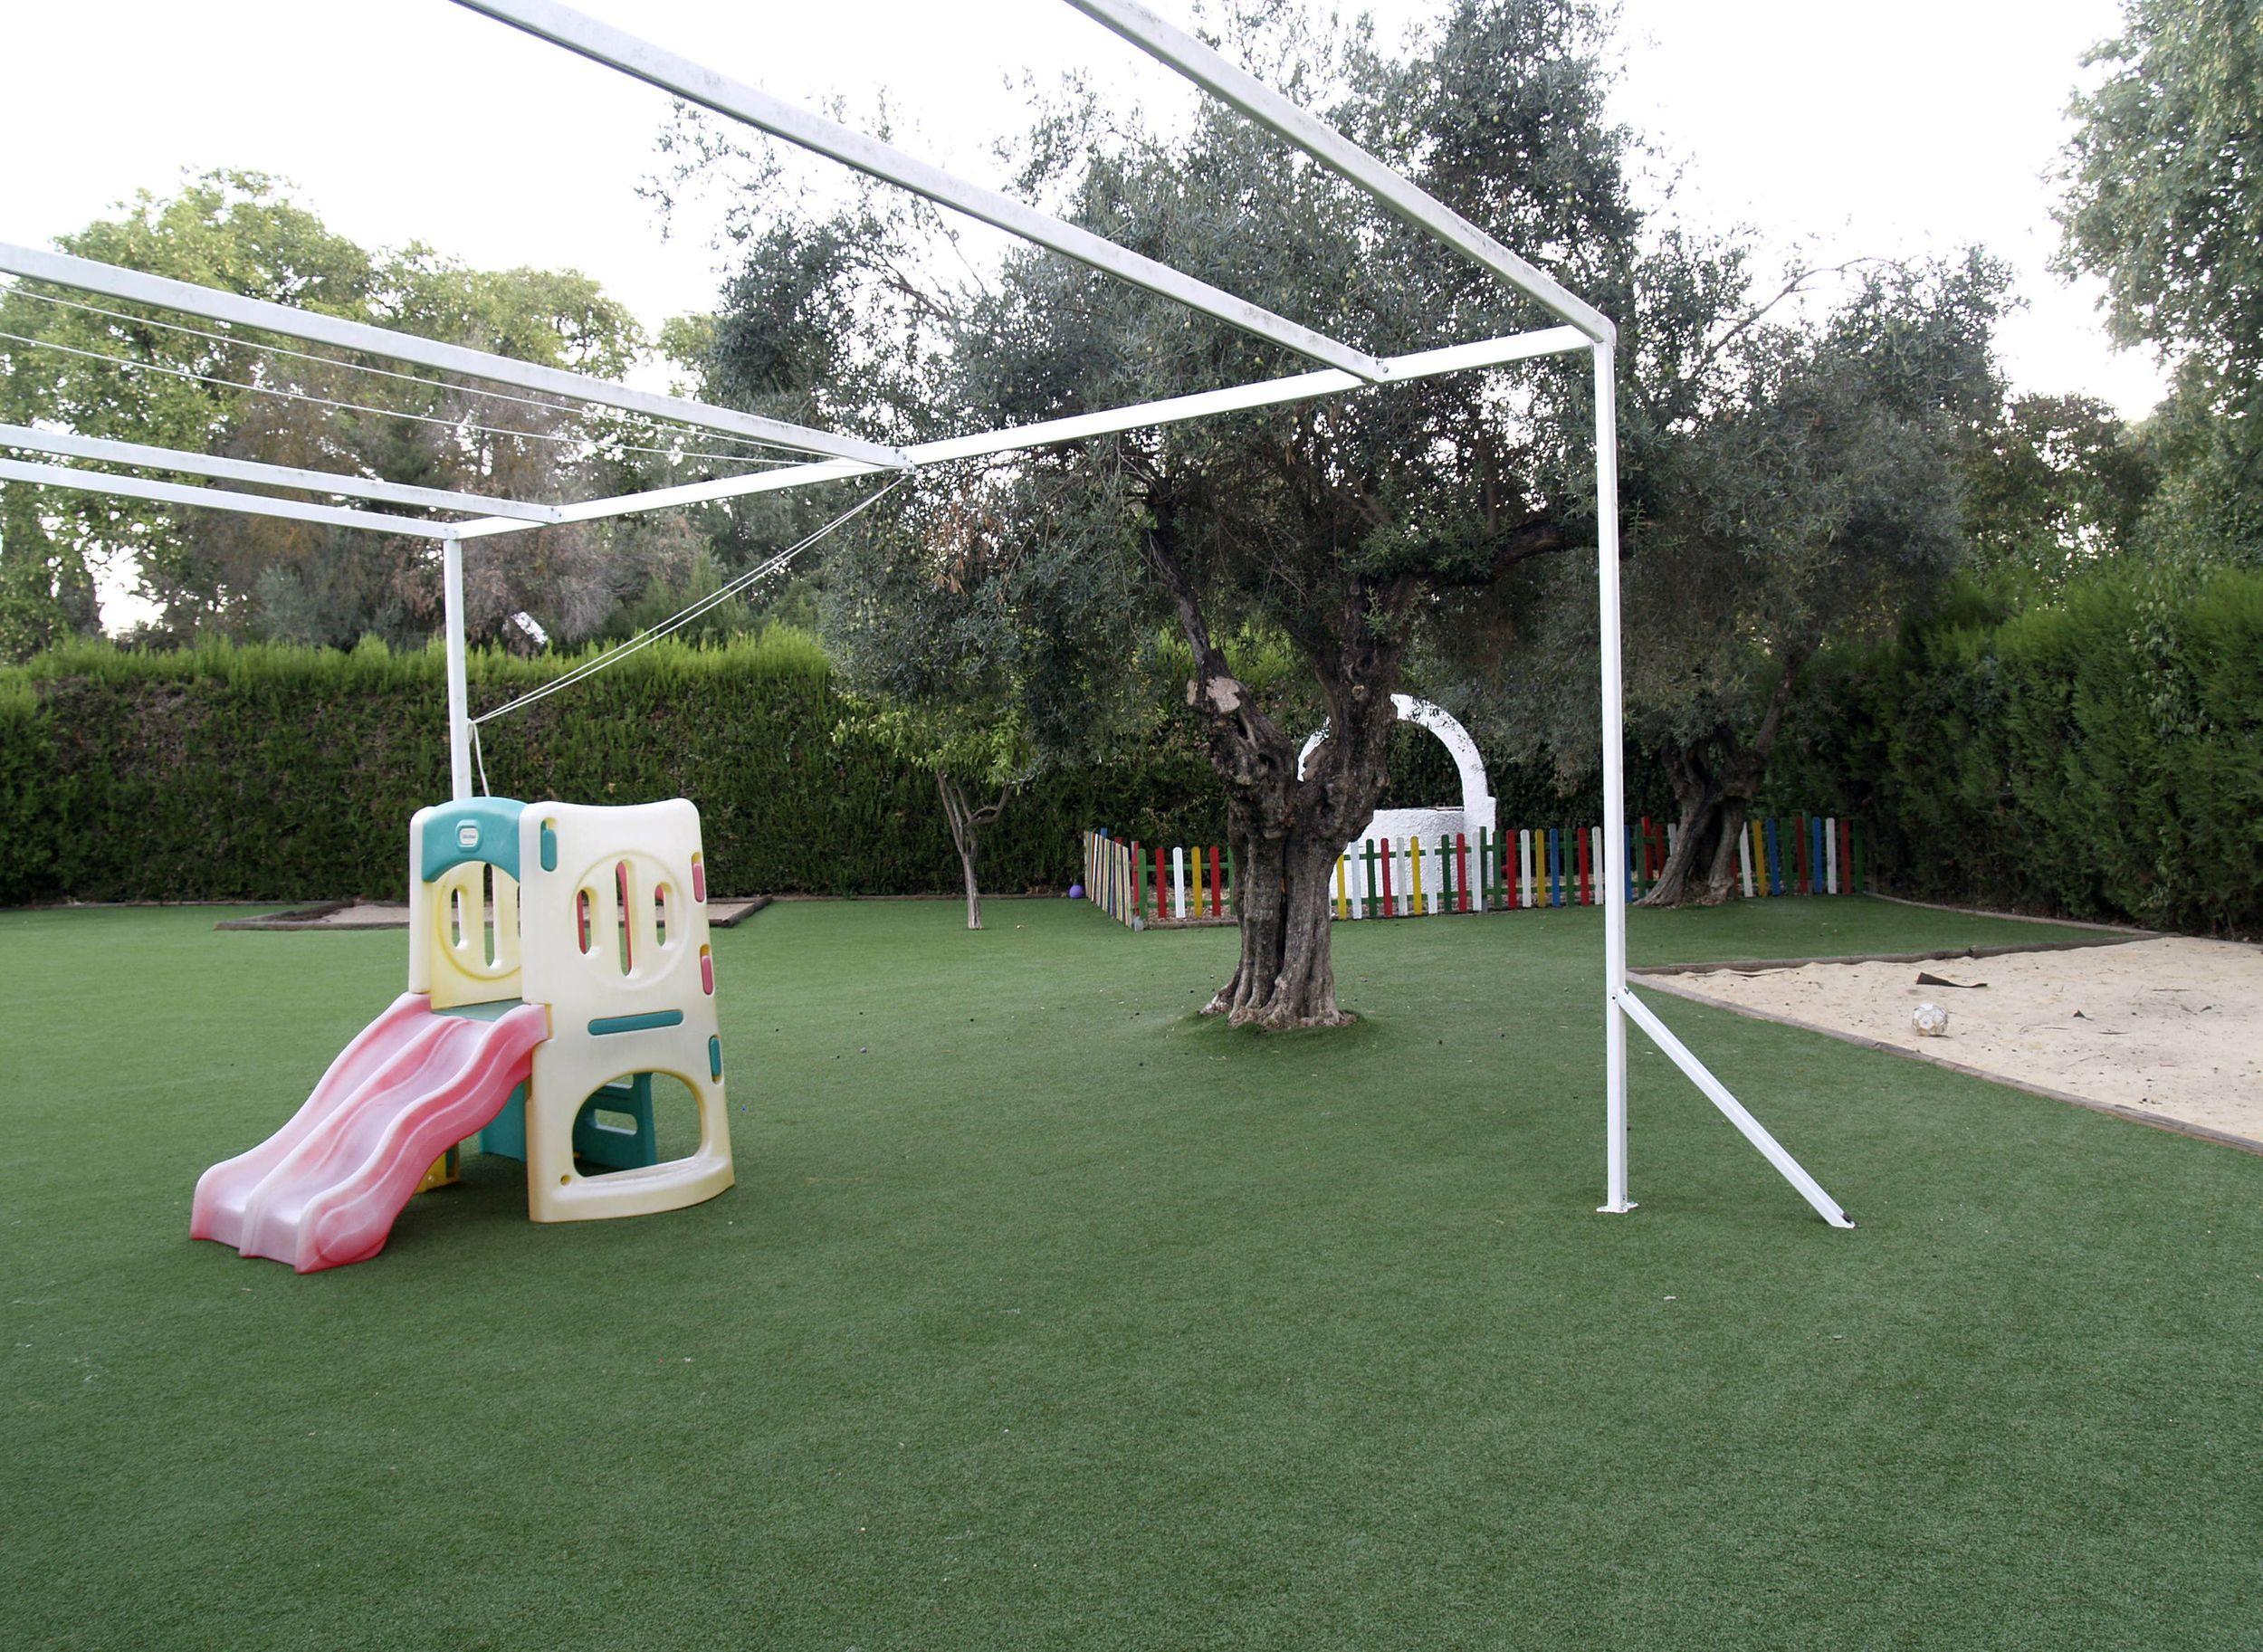 Centro educativo infantil con buenas instalaciones